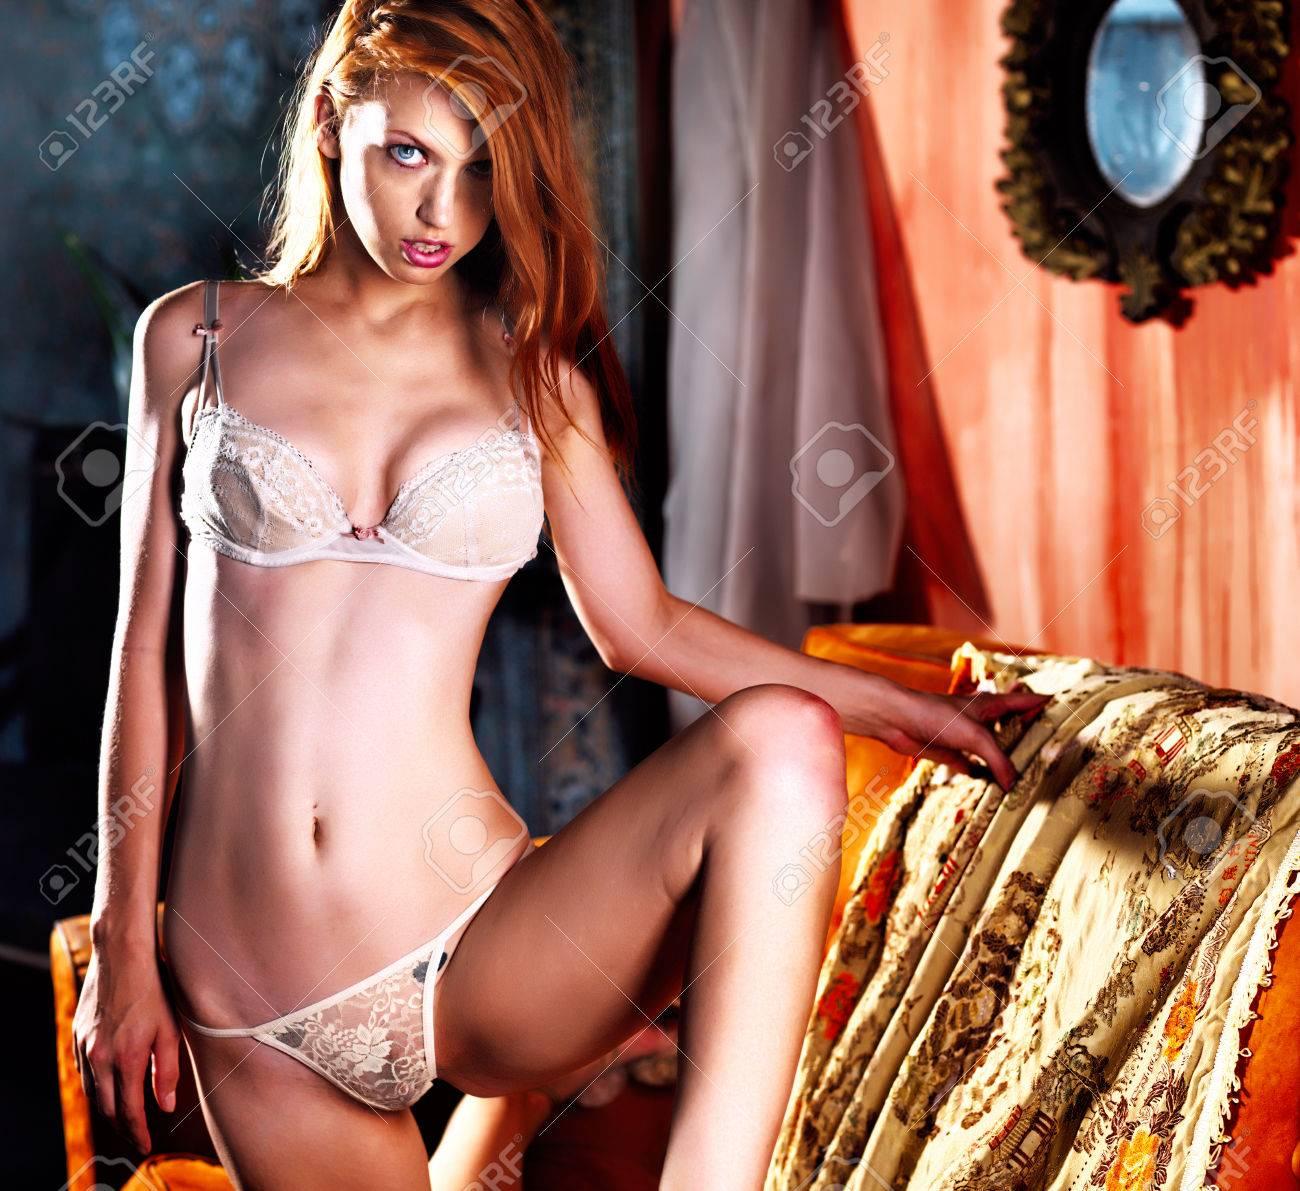 Panties Redheads